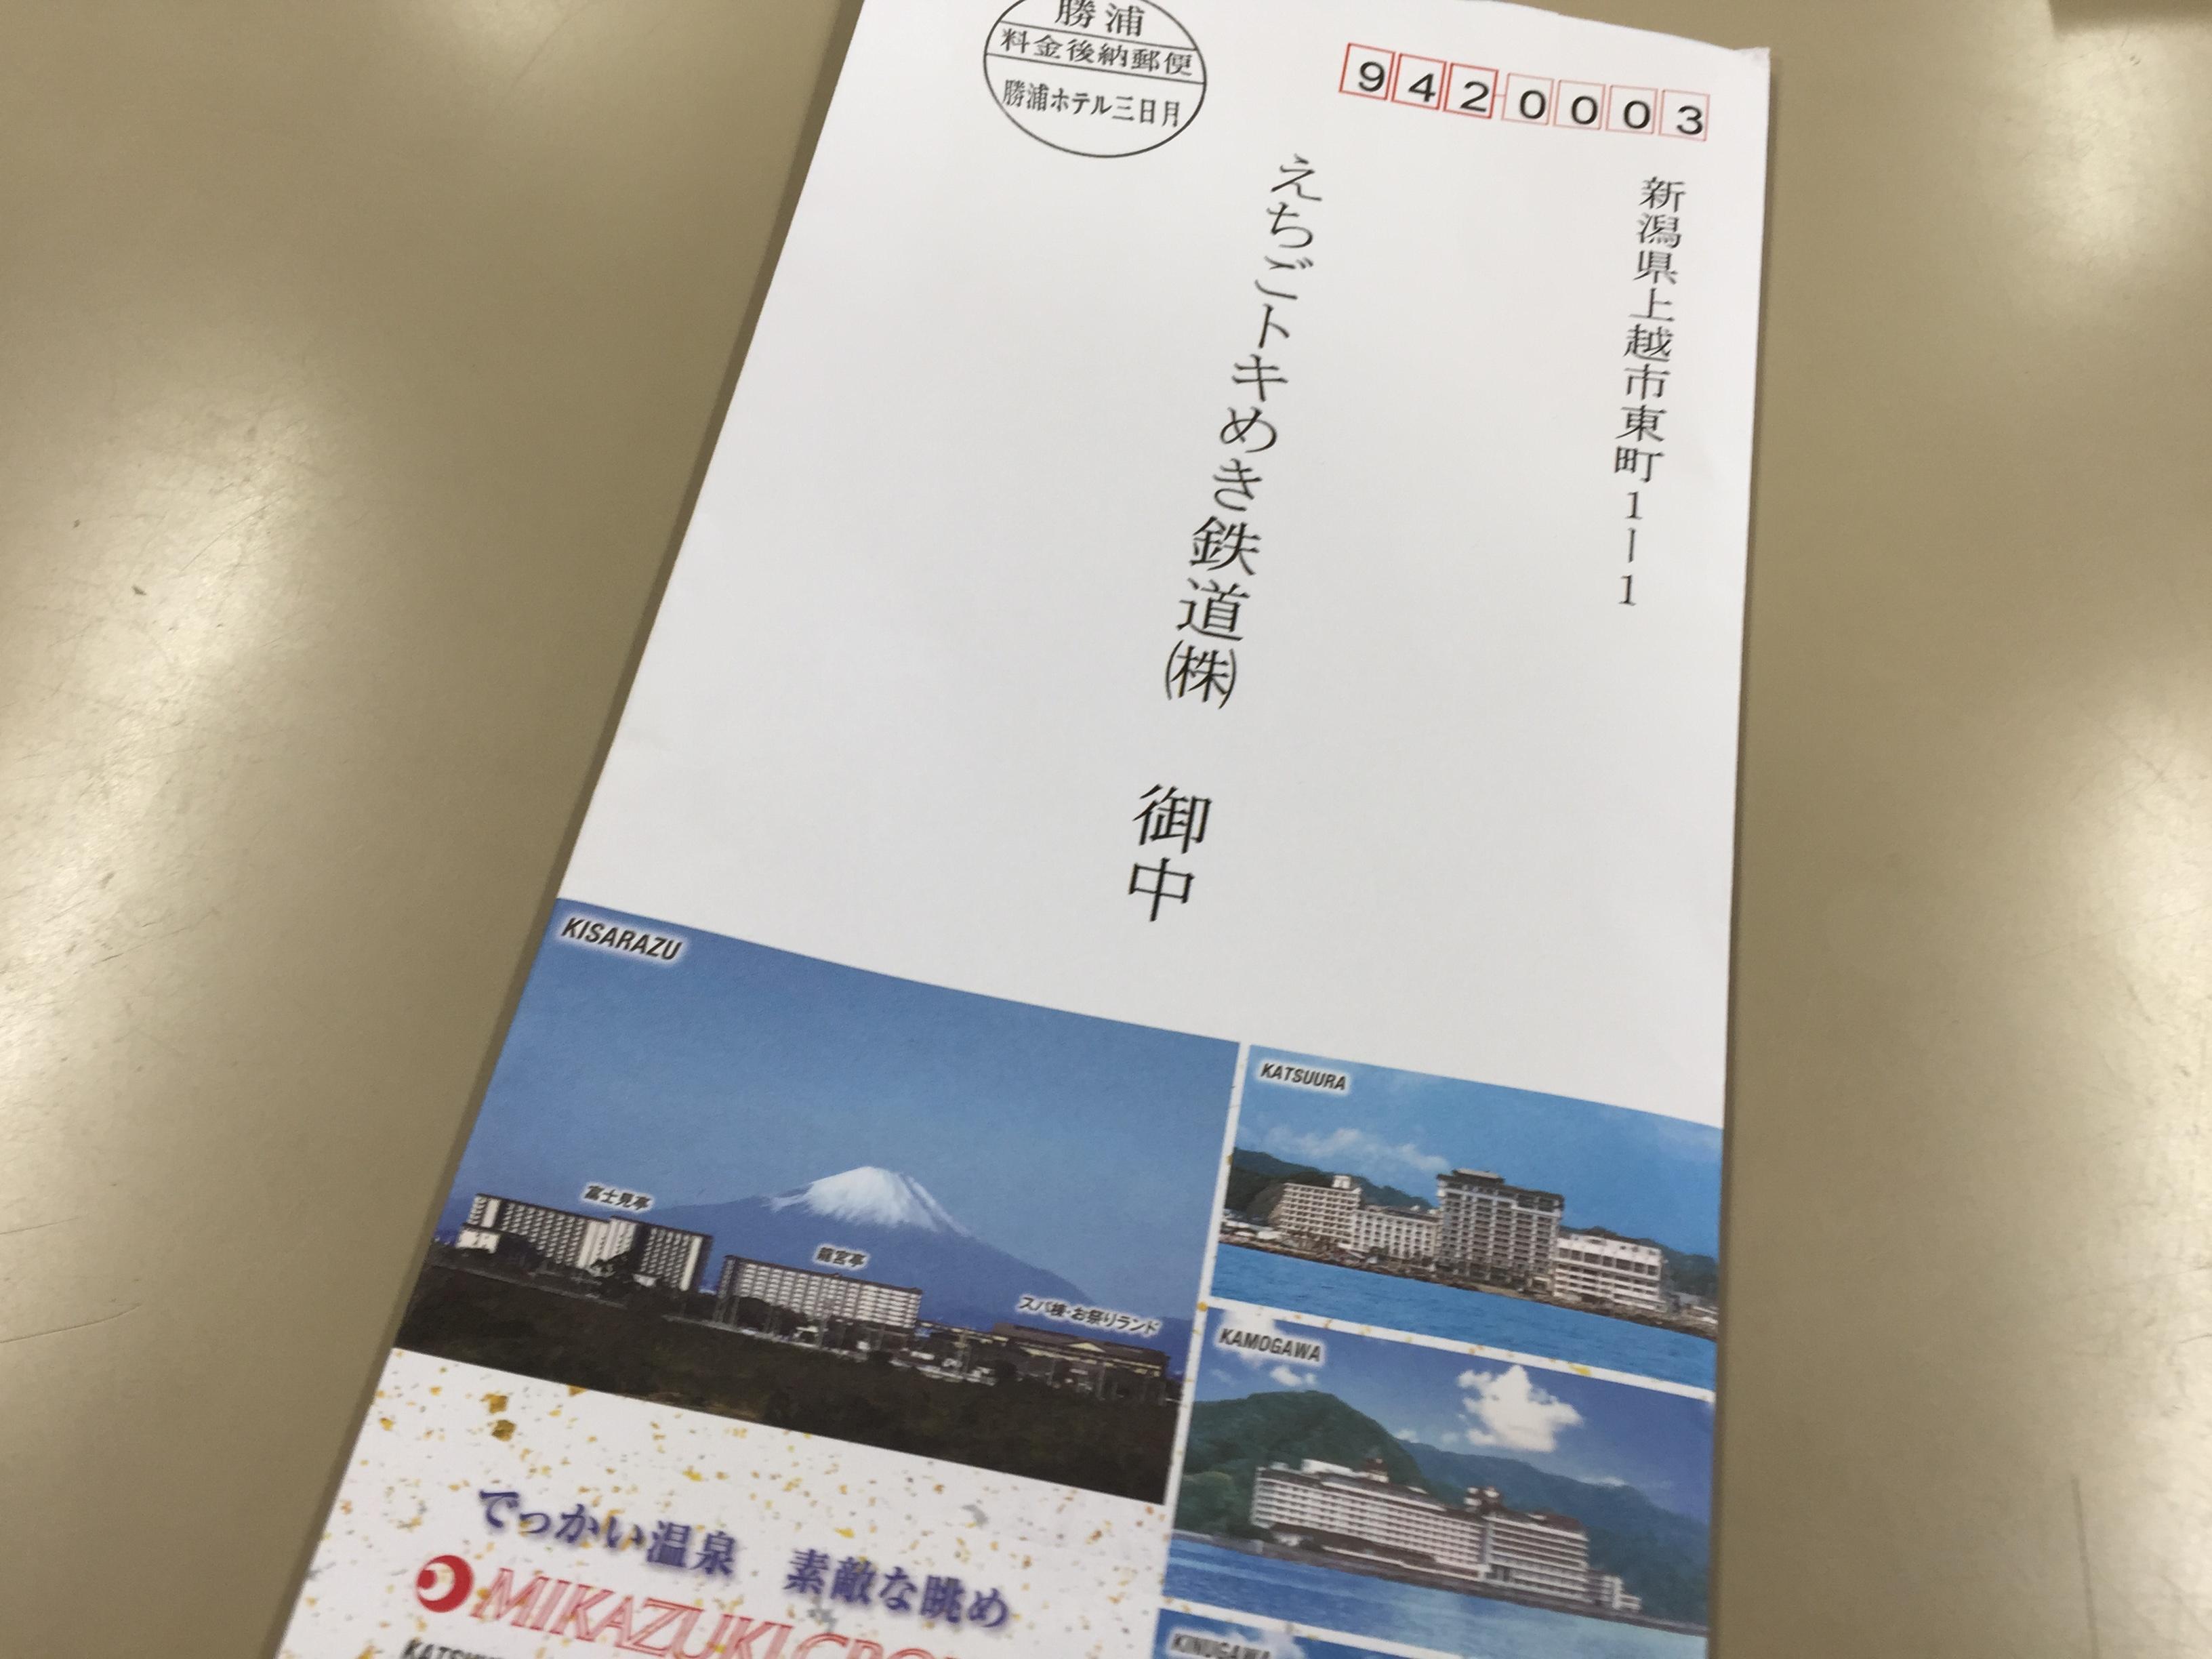 勝浦三日月さんからの手紙